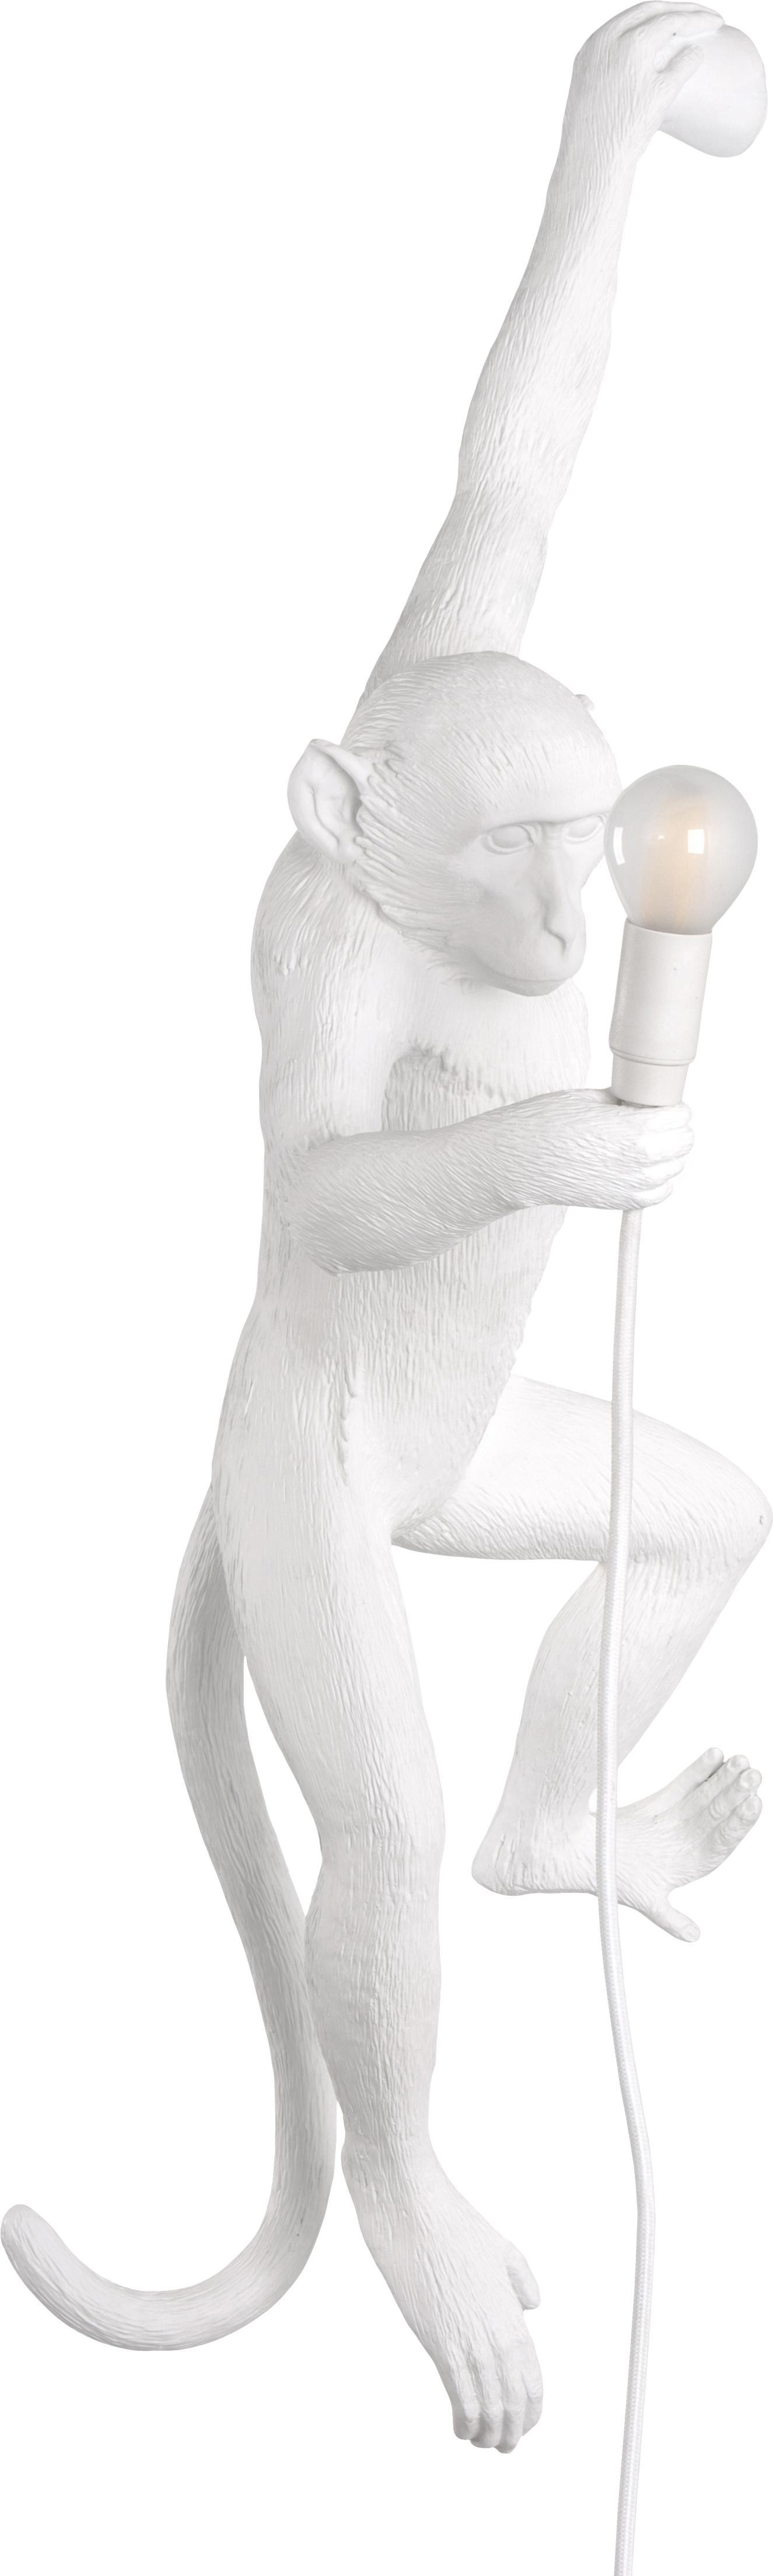 Kinkiet z wtyczką Monkey, Żywica syntetyczna, Biały, S 77 x W 37 cm